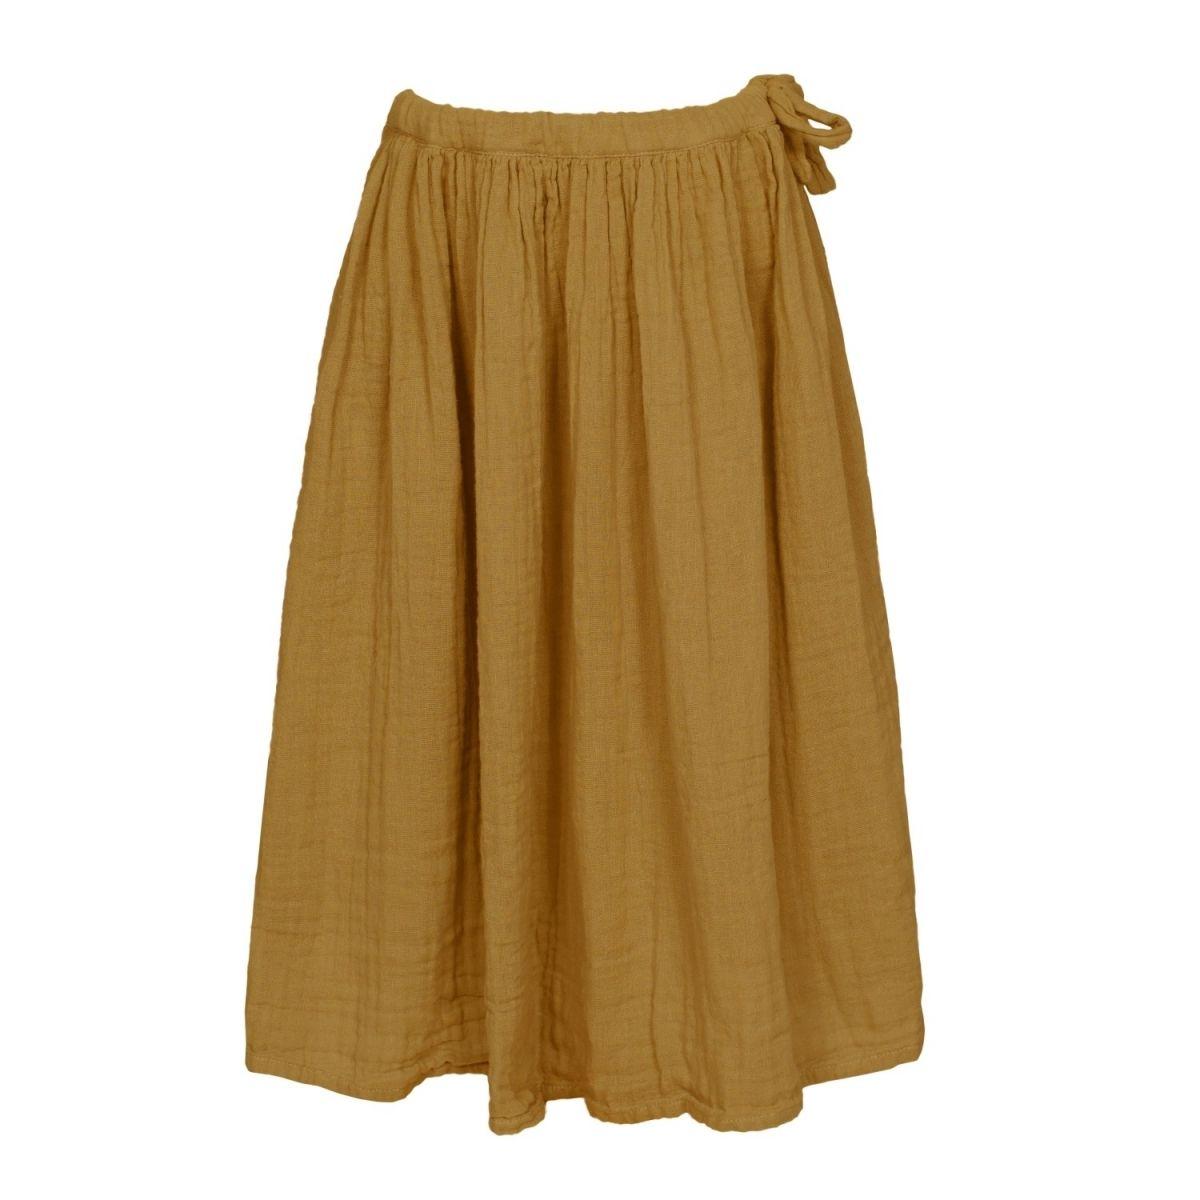 Numero 74 Spódnica dla dziewczynek Ava długa musztardowa